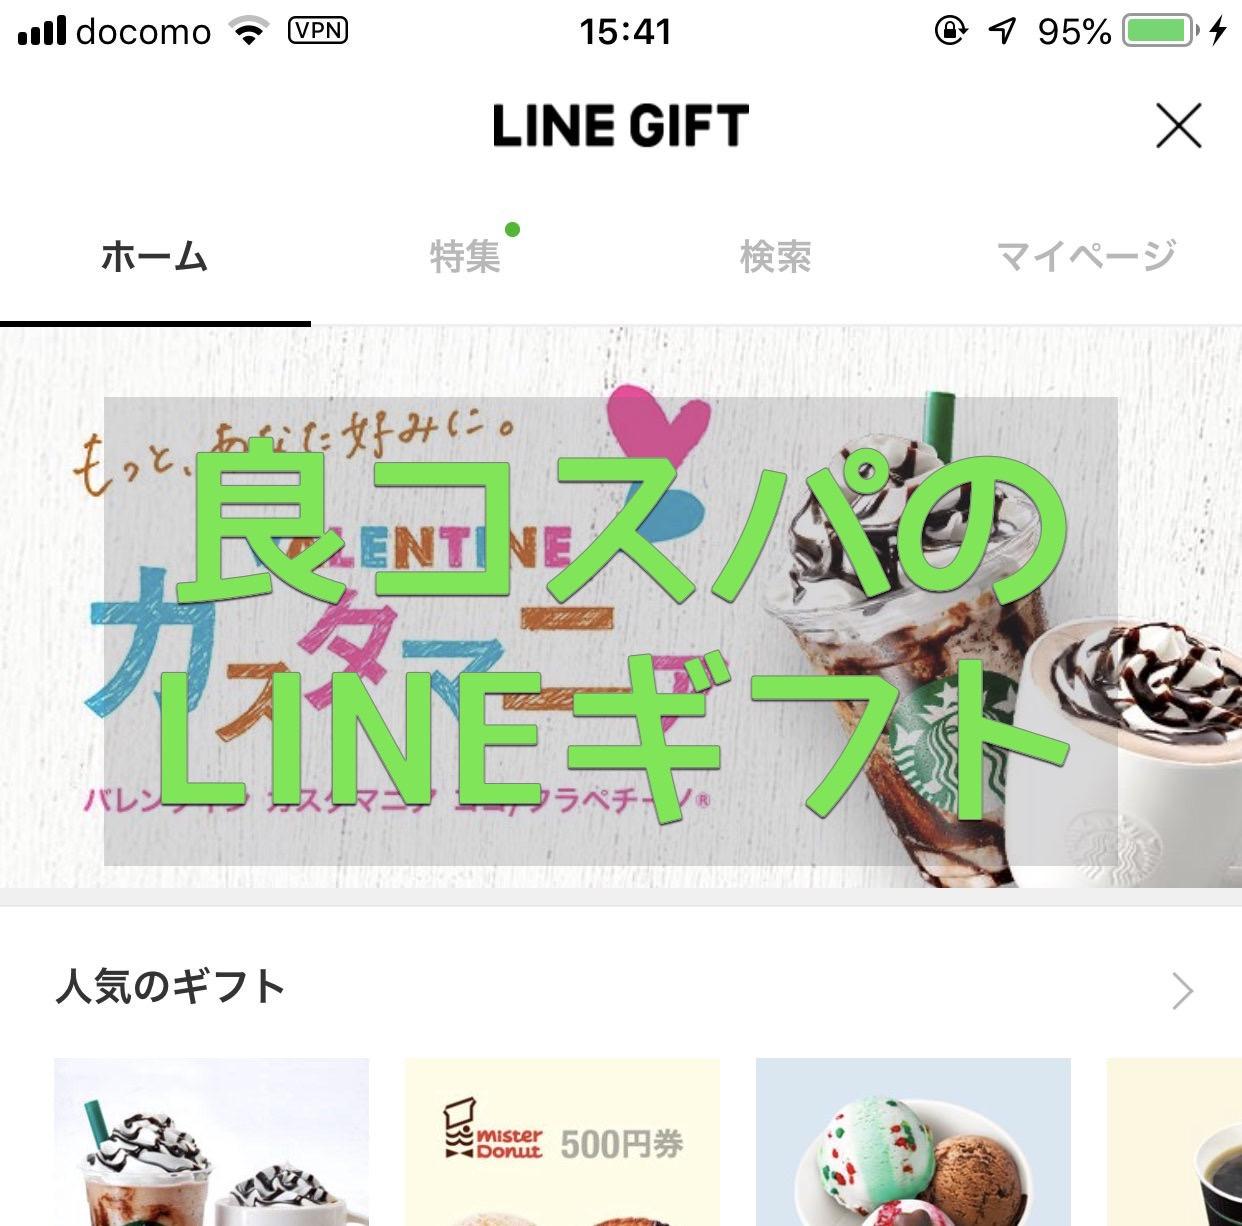 【自分宛OK】安くてコスパ良い「LINEギフト」を教える